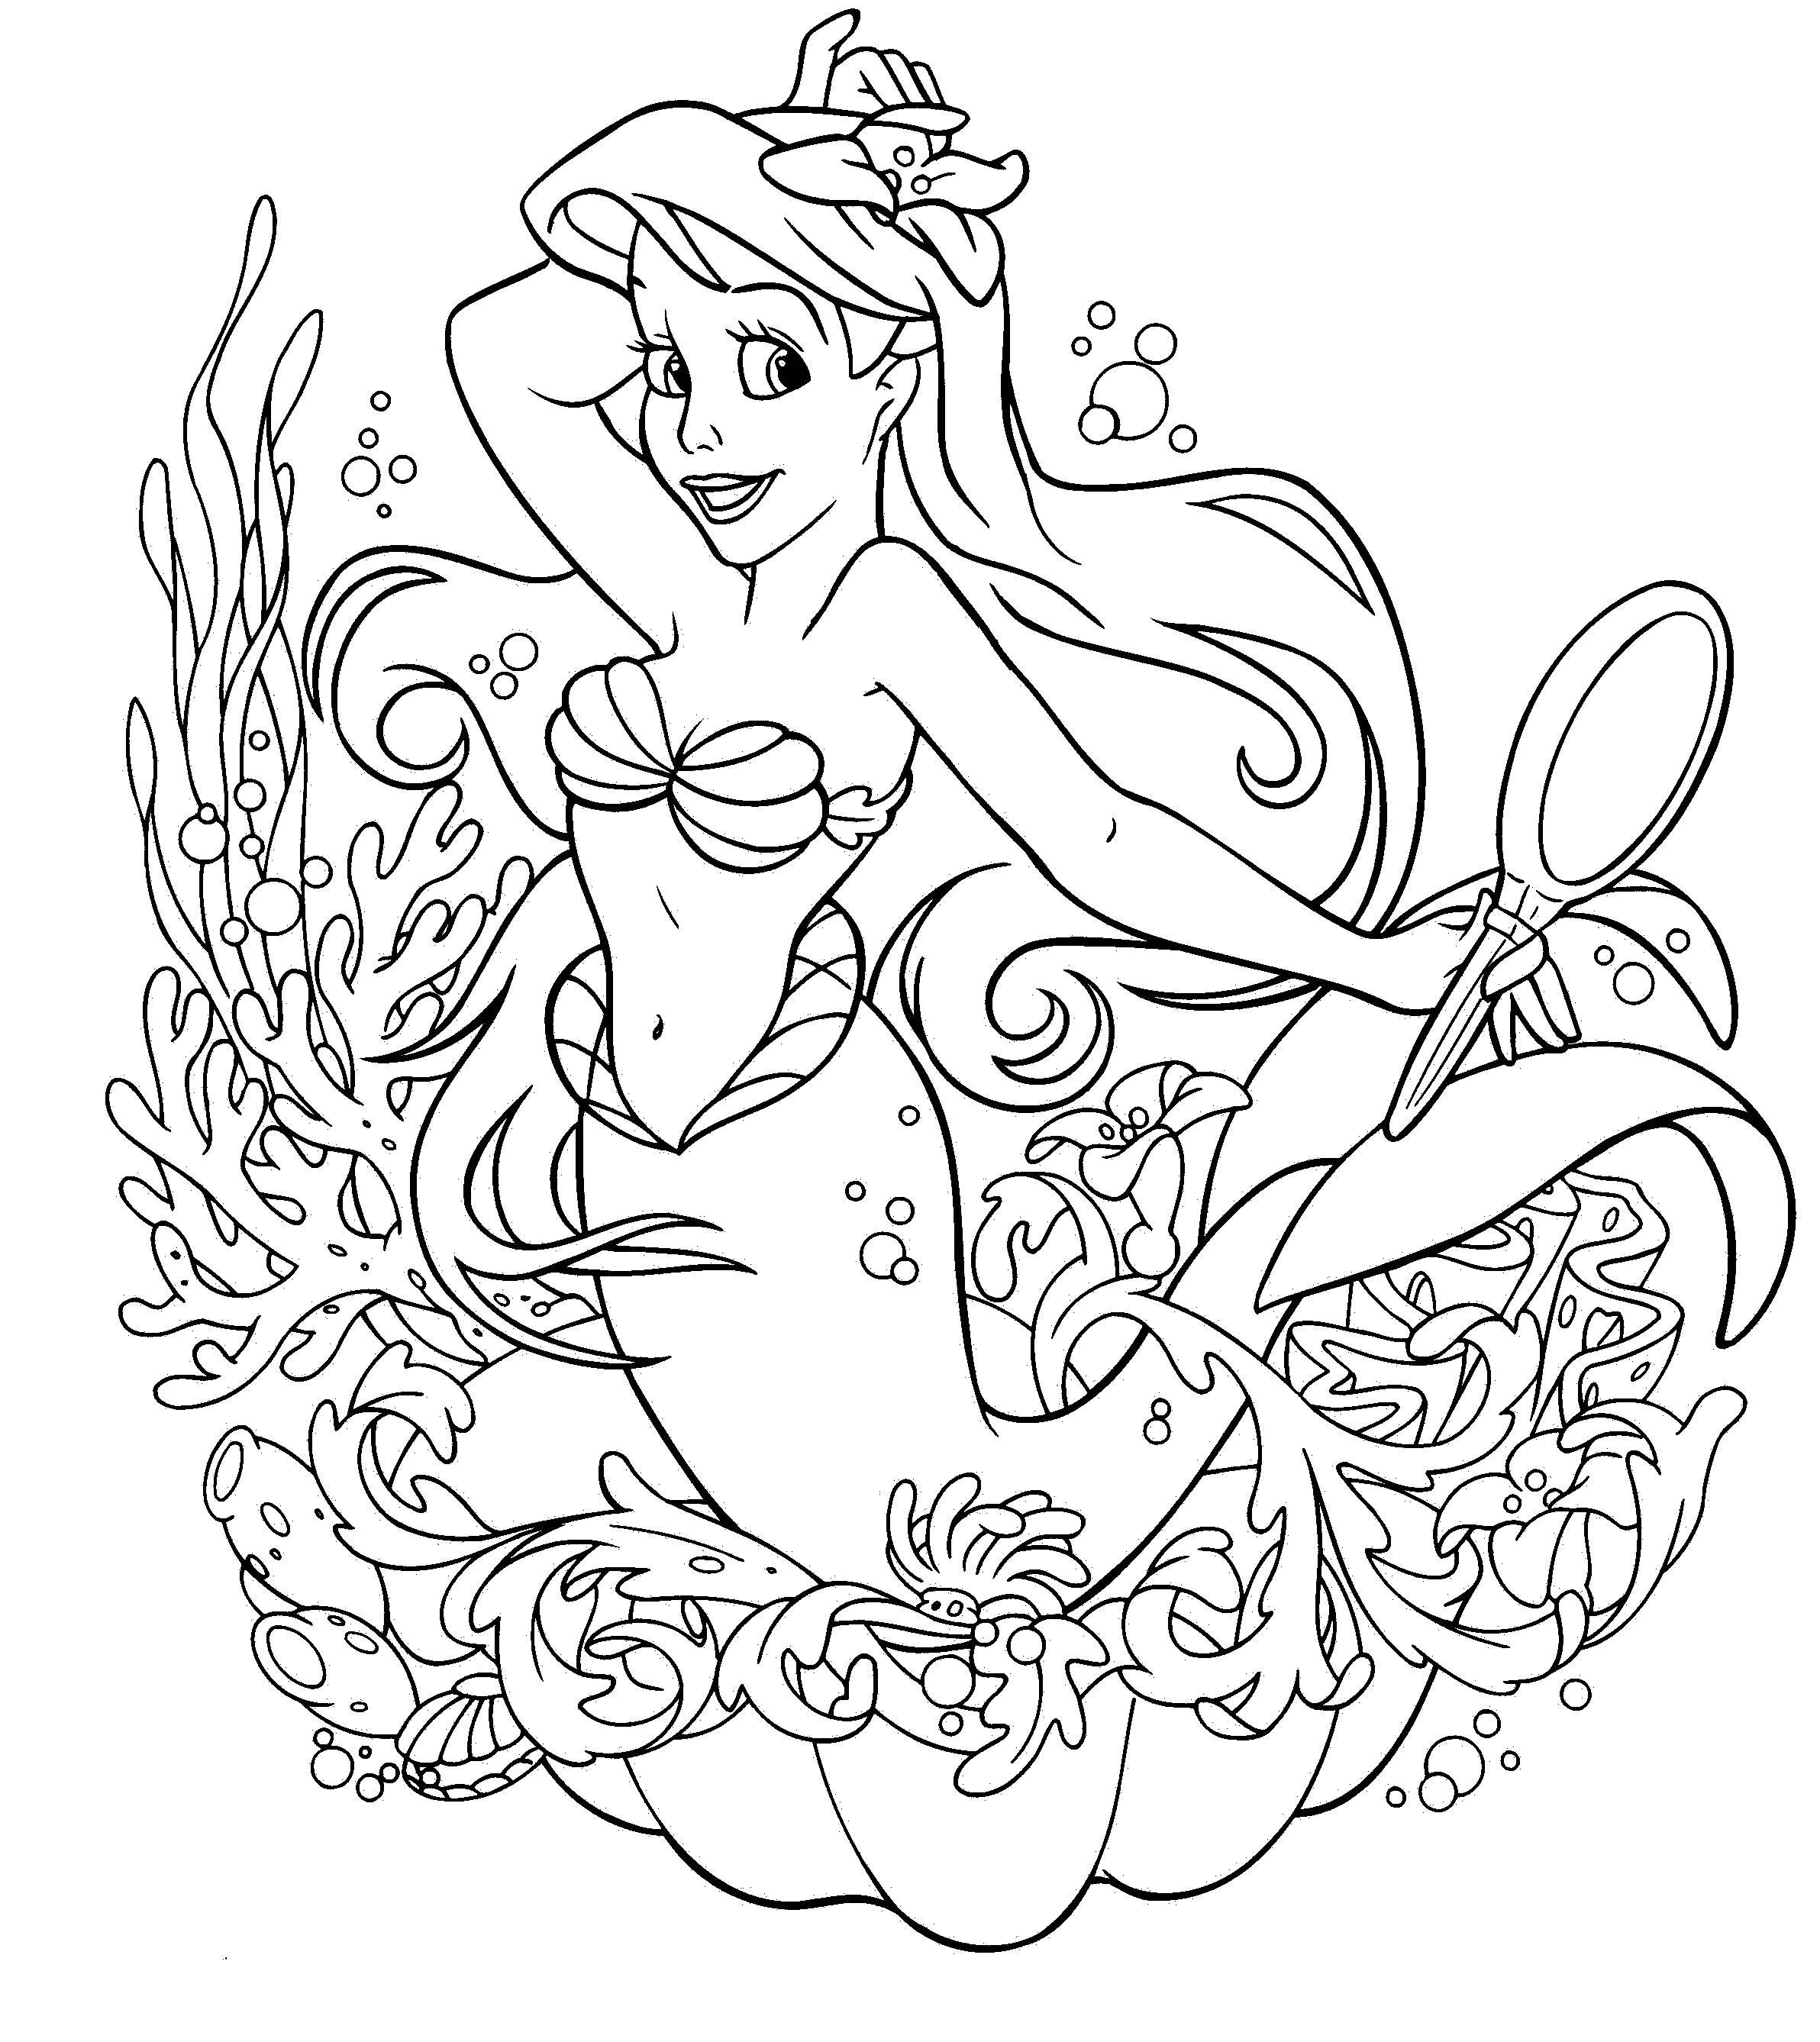 Drawn princess kid coloring page Princess Hello Pages Coloring Coloring